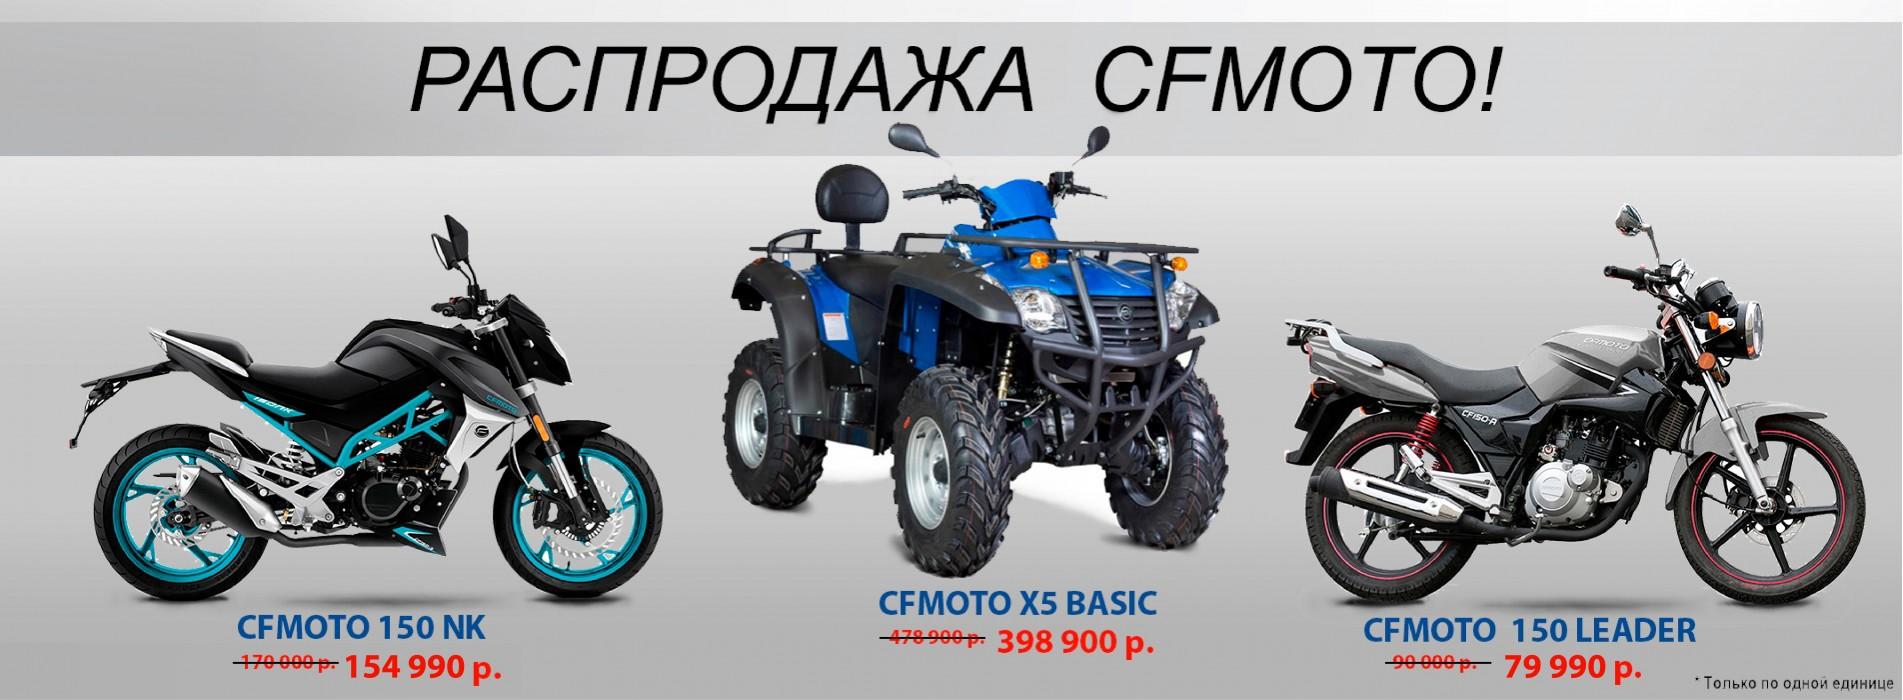 Распродажа CFMOTO